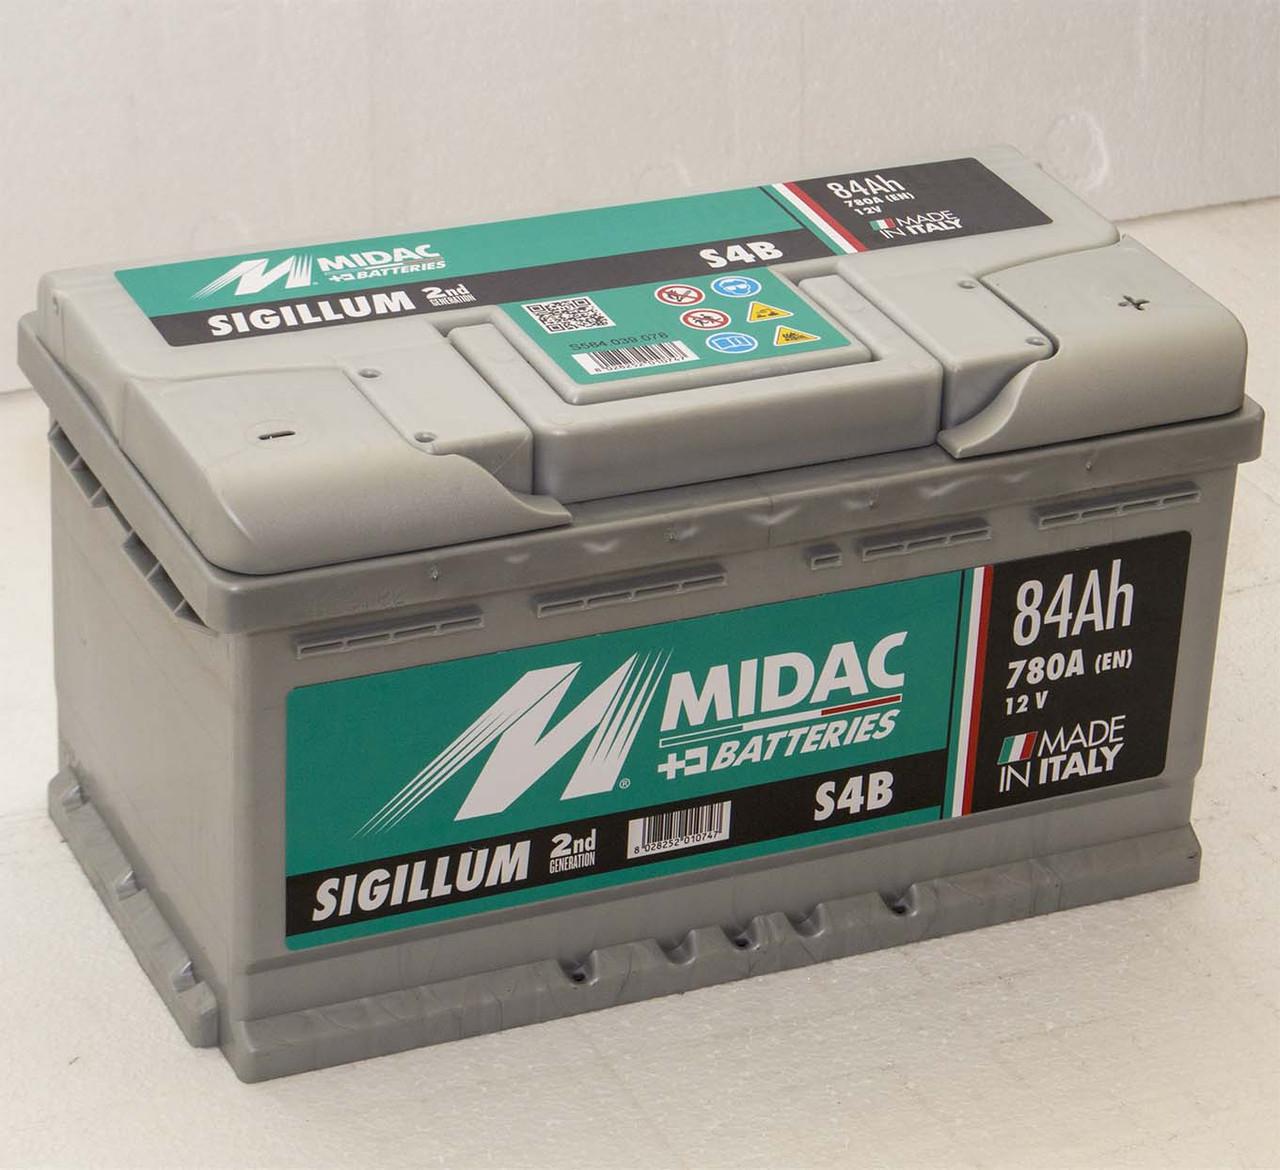 Аккумулятор 6СТ-84A MIDAC S4B Sigillum 12V, 84Ah (-/+) низкий евро Мидак Сигиллум, 12В, 84Ач, EN780А